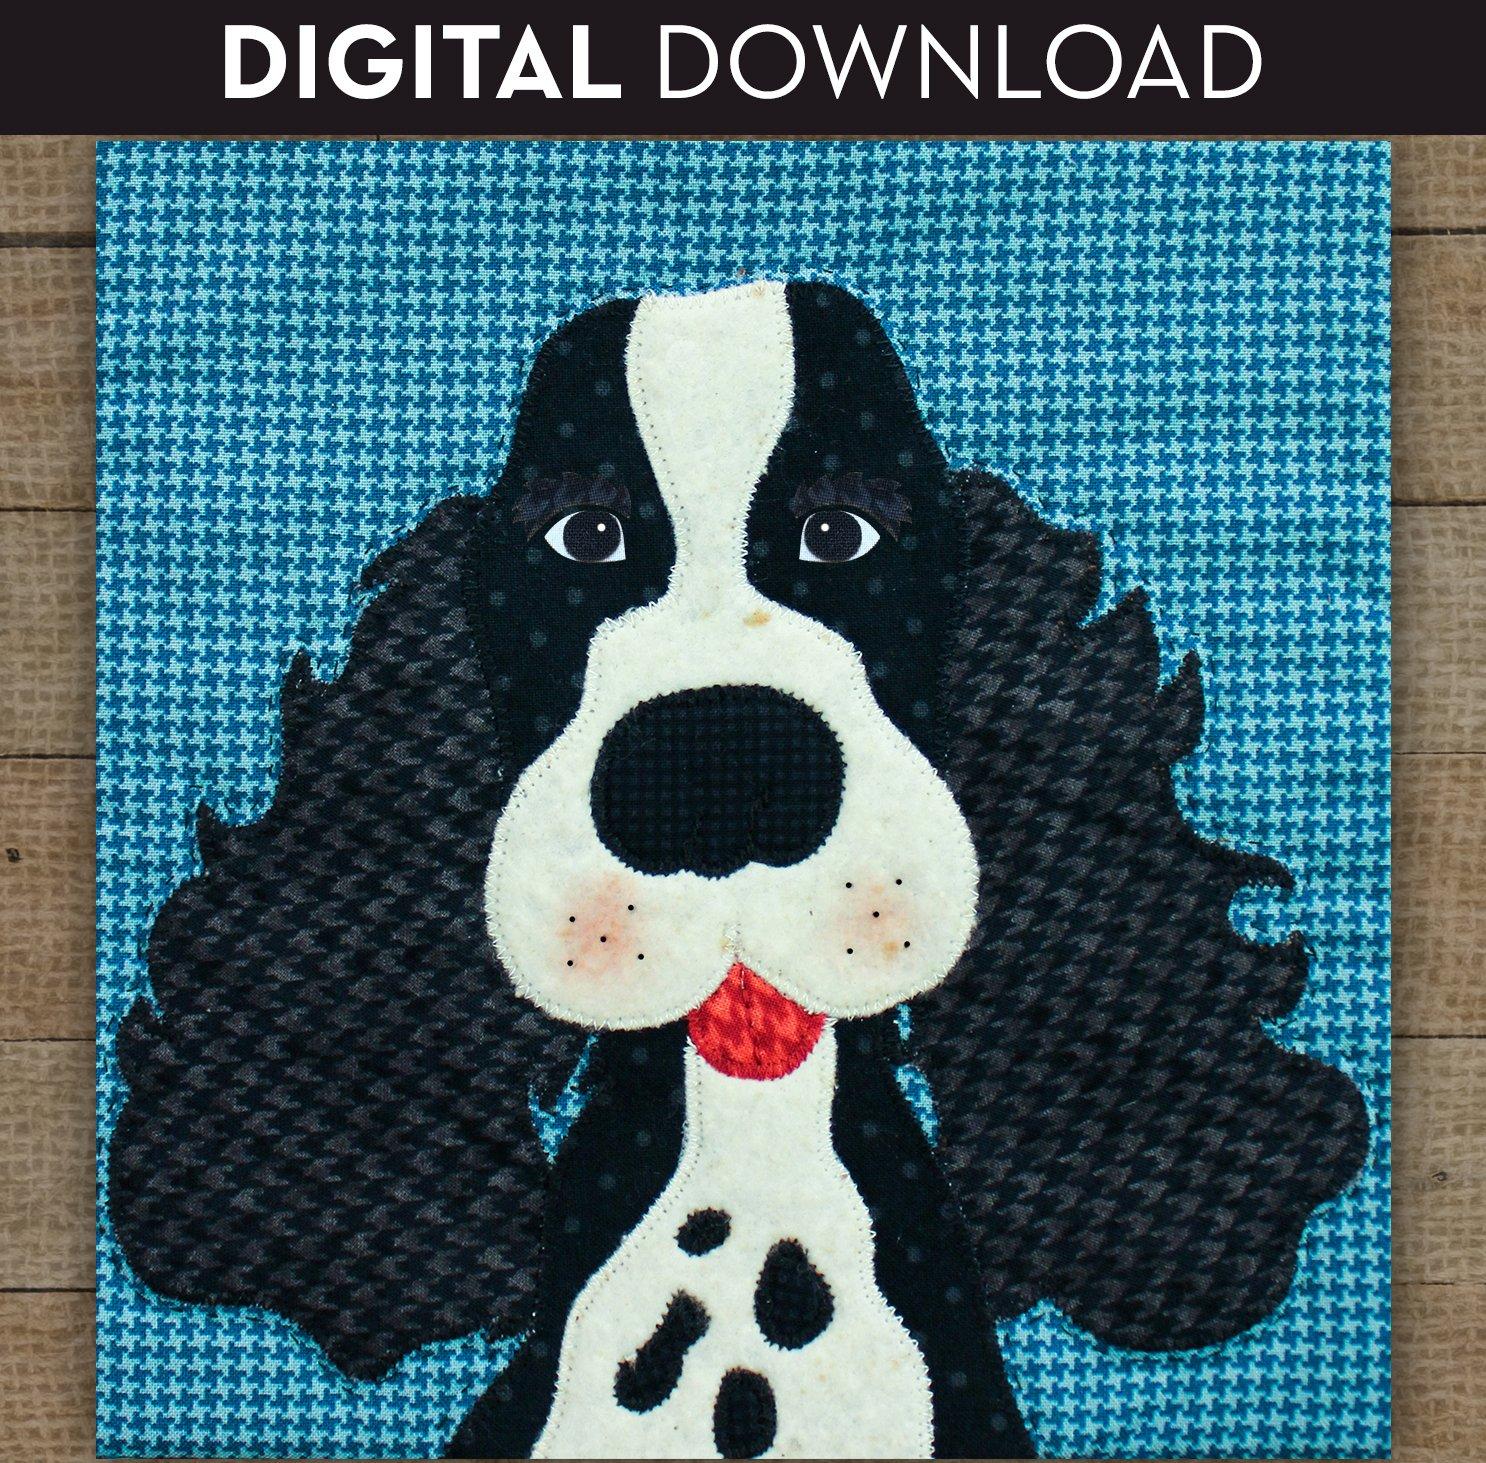 Springer Spaniel - Download